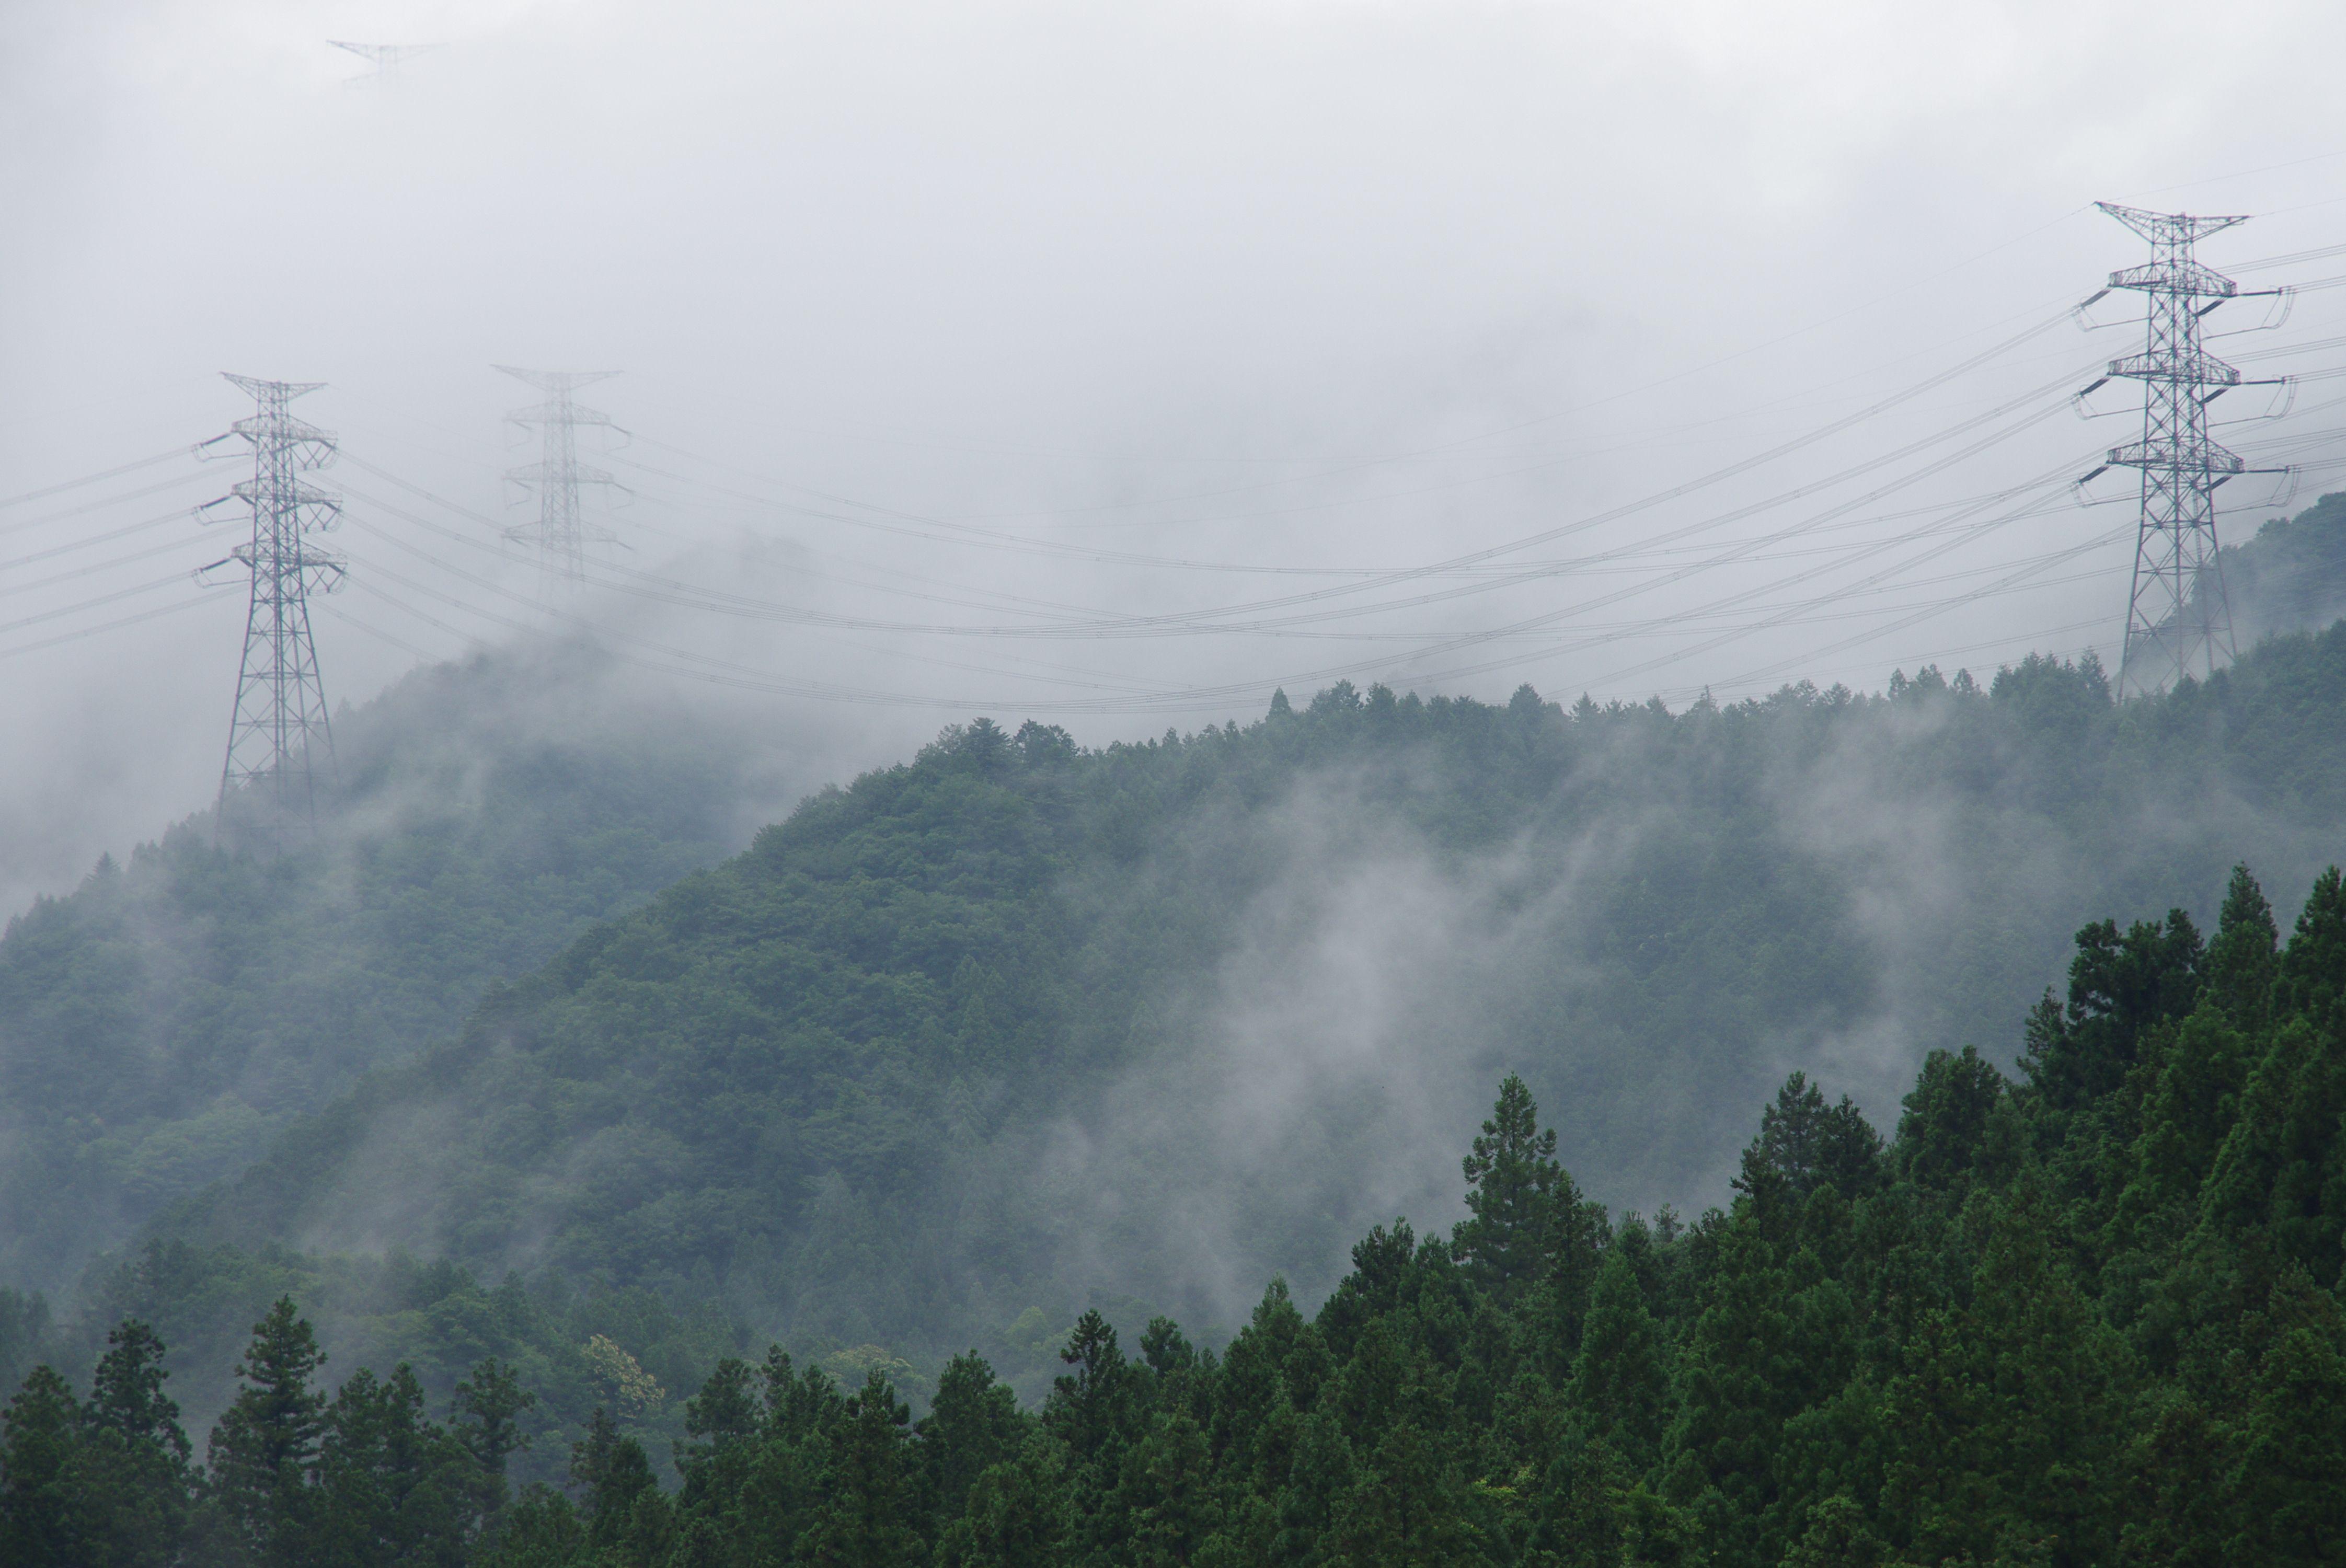 霧中の鉄塔